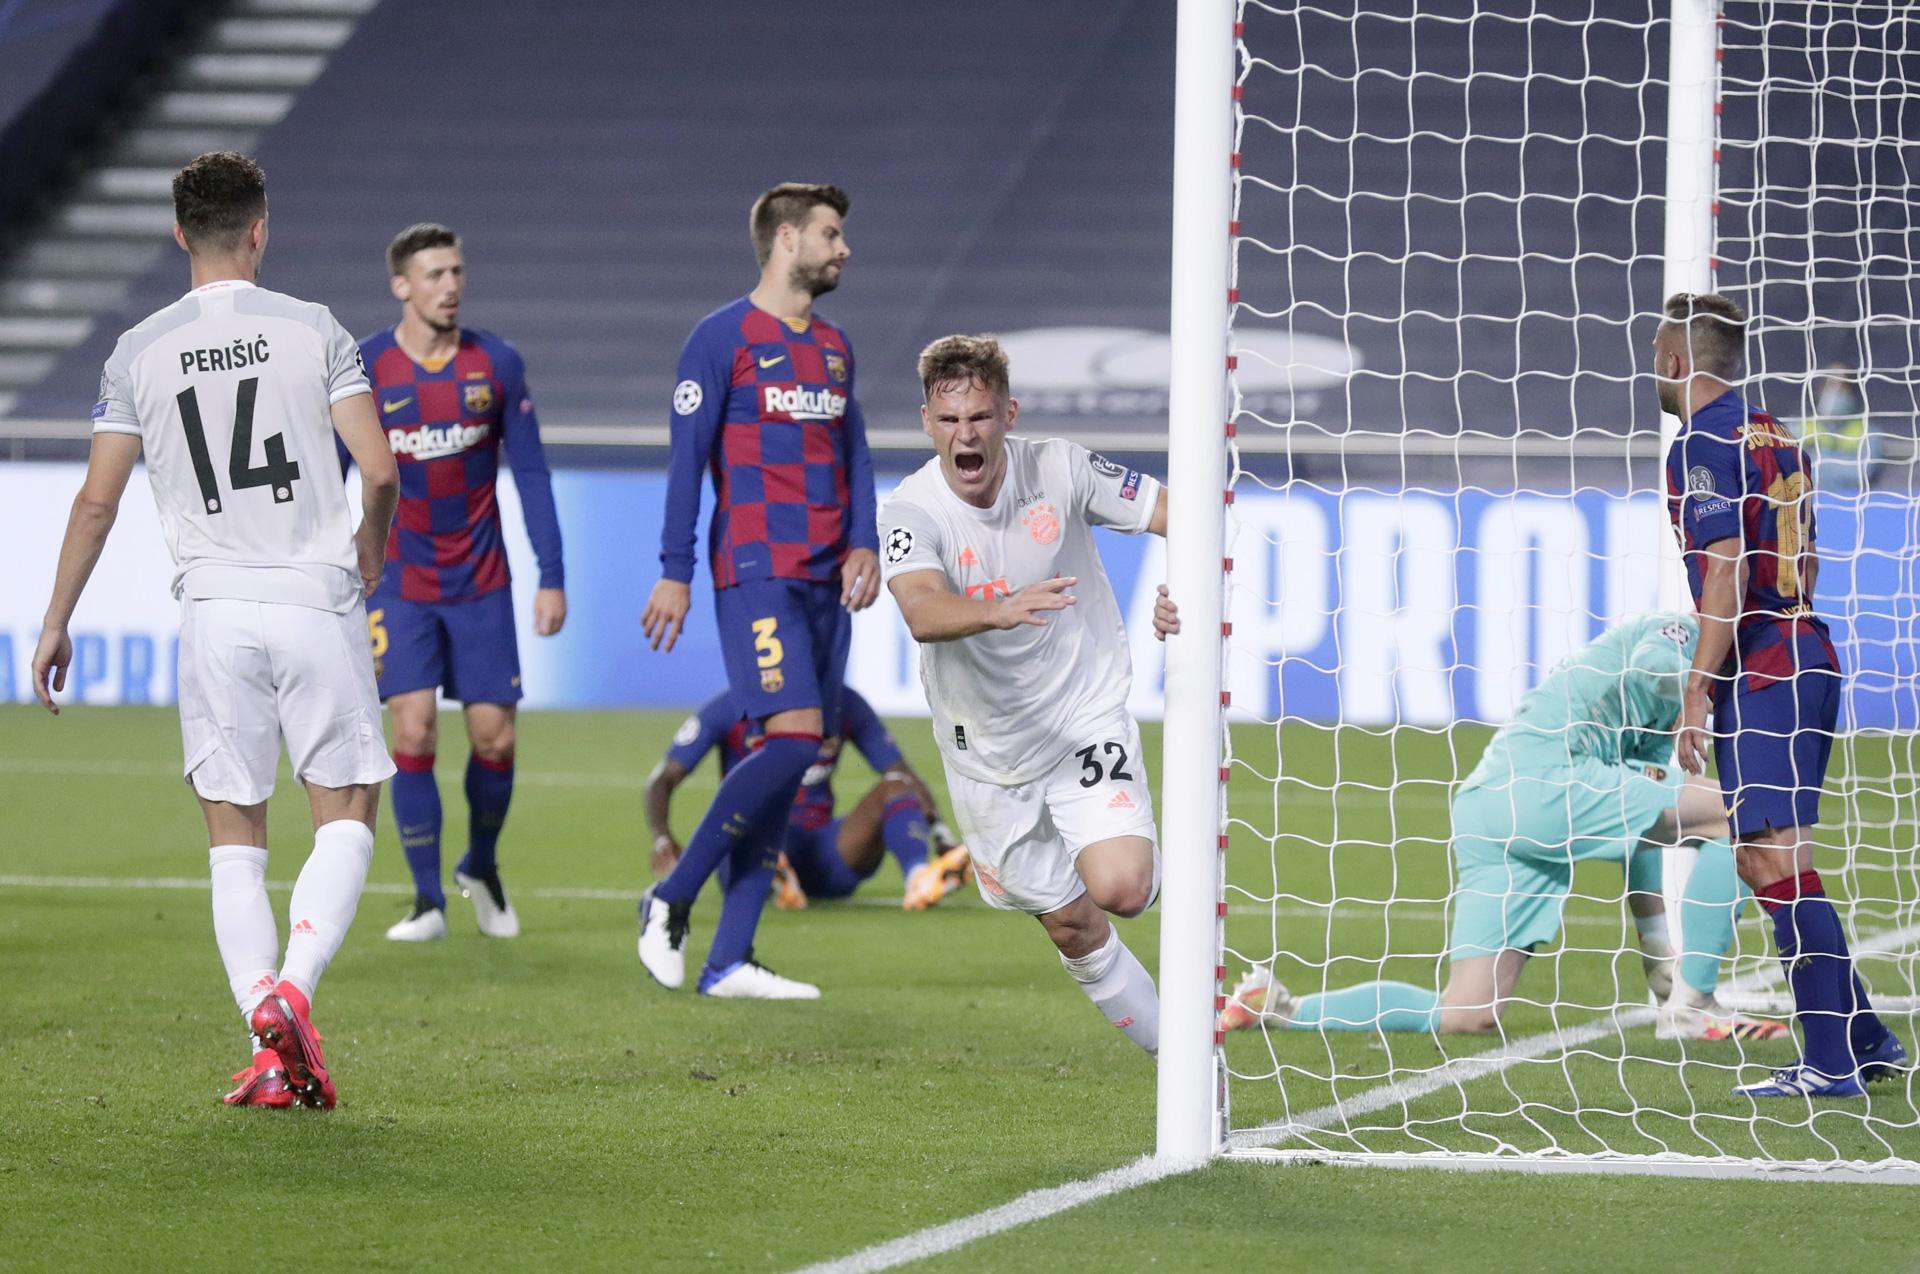 【海外サッカー】欧州CL4強に1チームも進めず。スペイン流のサッカーは限界を迎えたのか